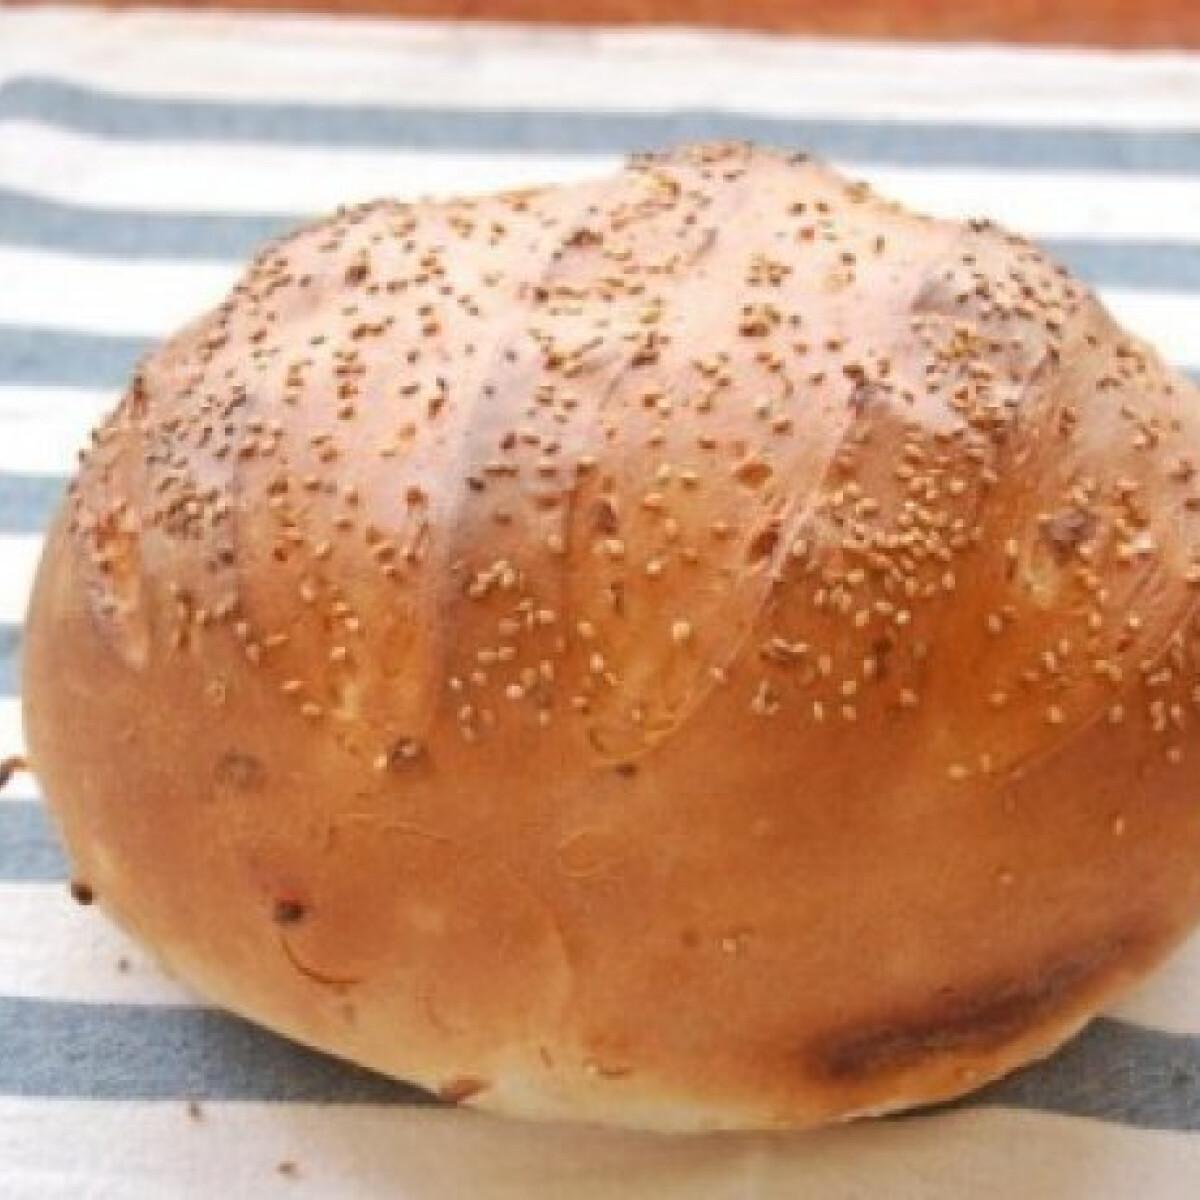 Burgonyás cipó - Burgonyás kenyér 4.